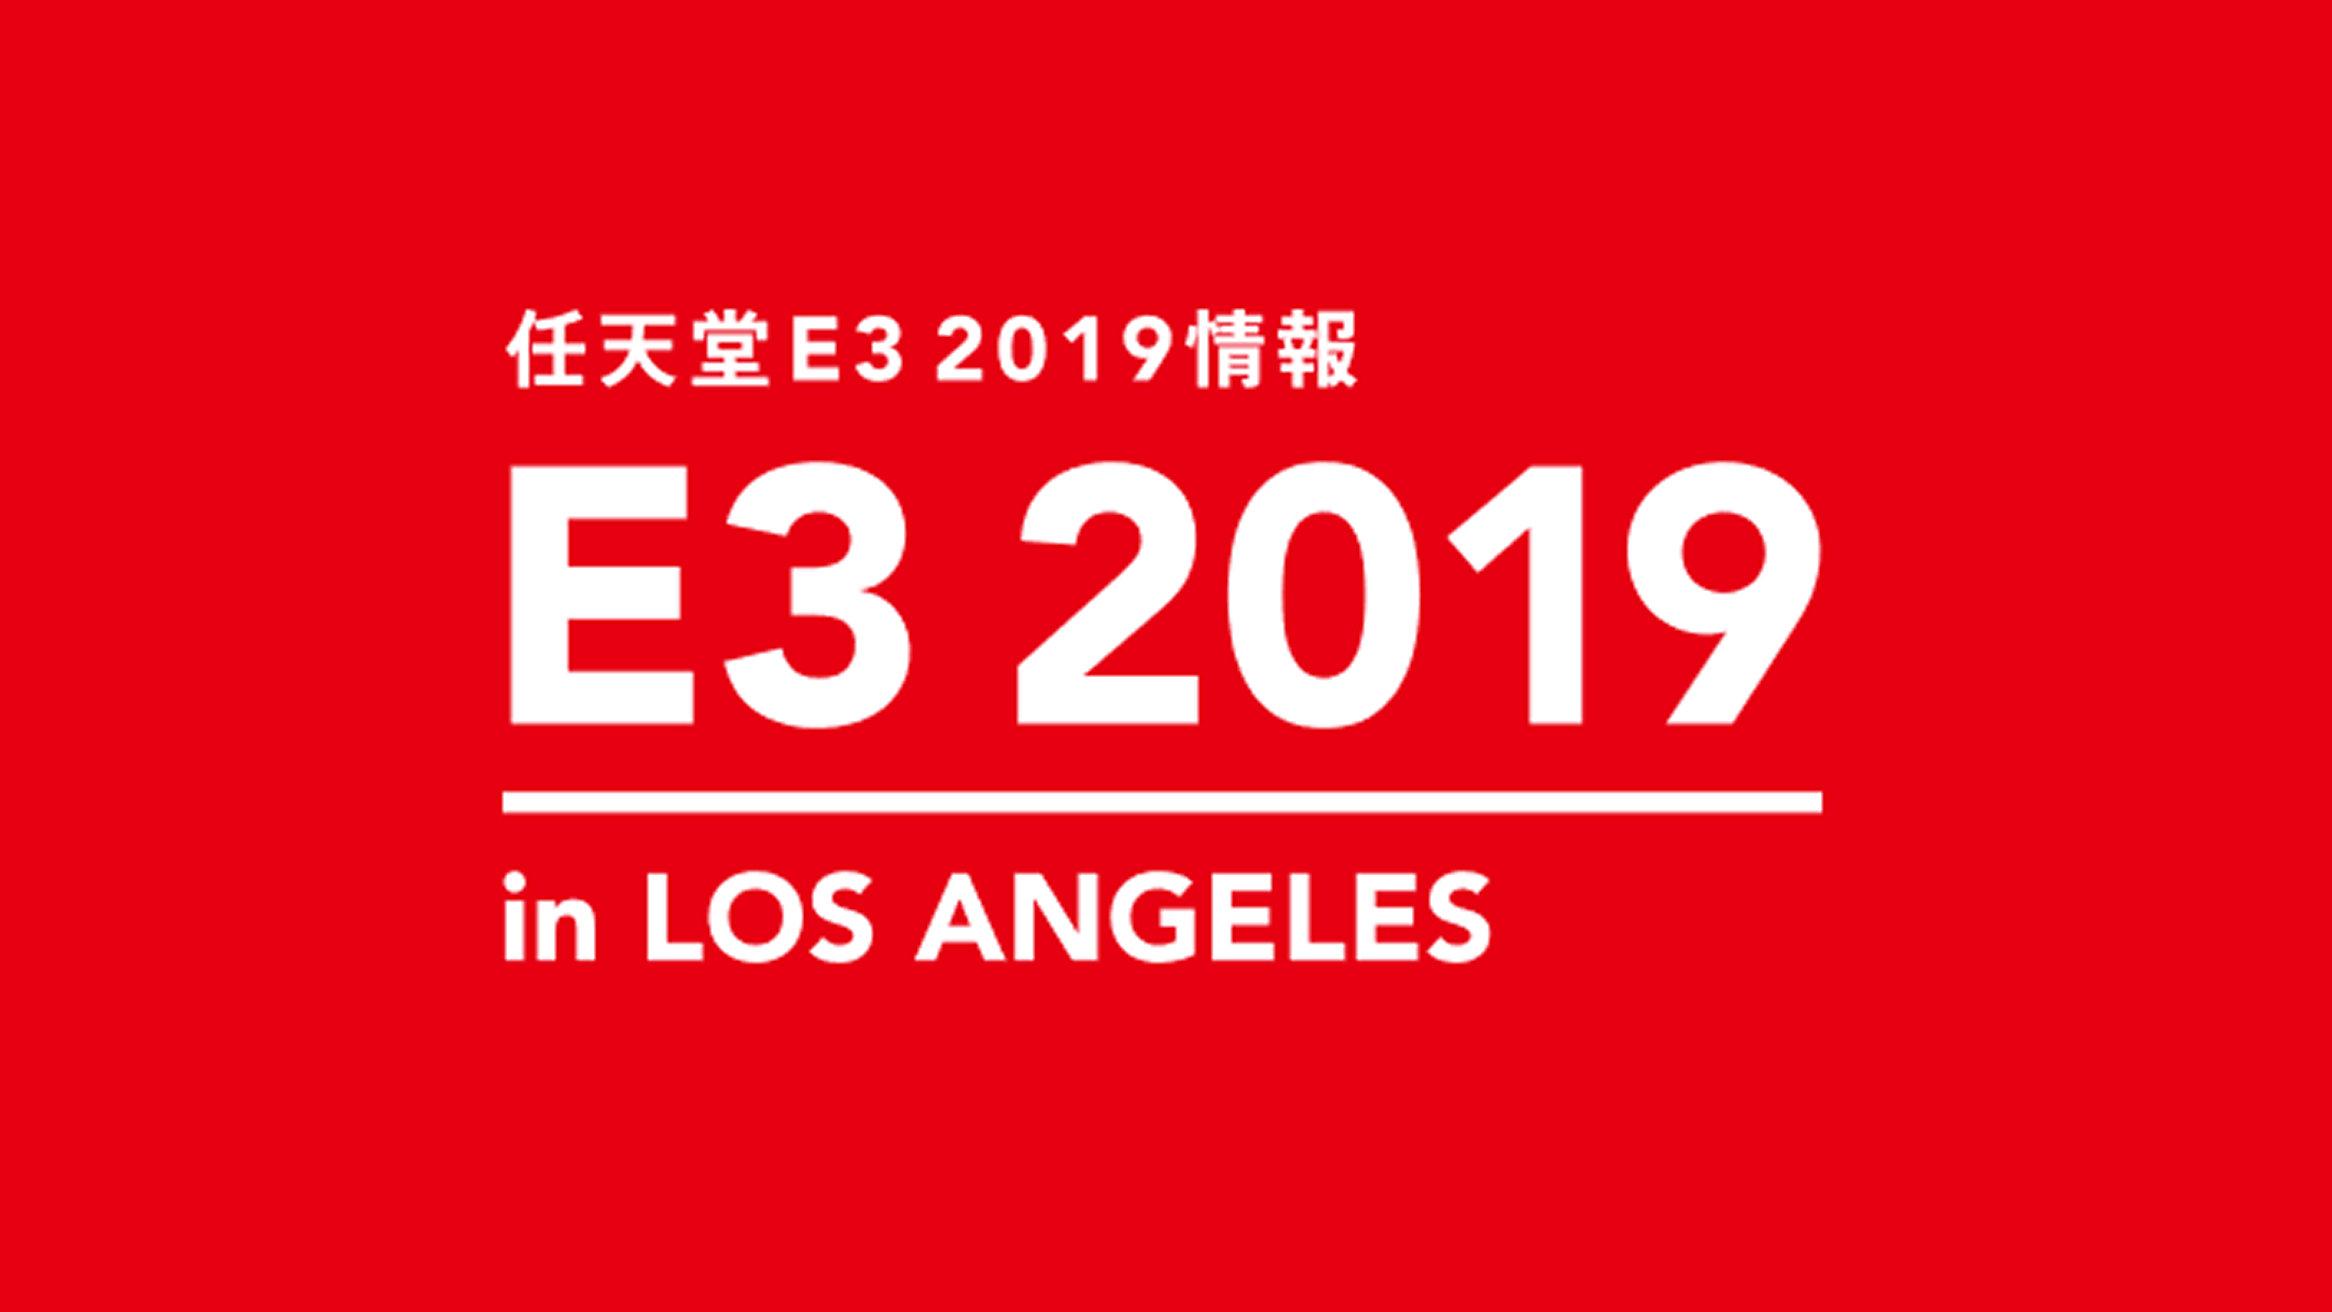 任天堂がE3 2019で発表する内容に2つ「縛り」入っている